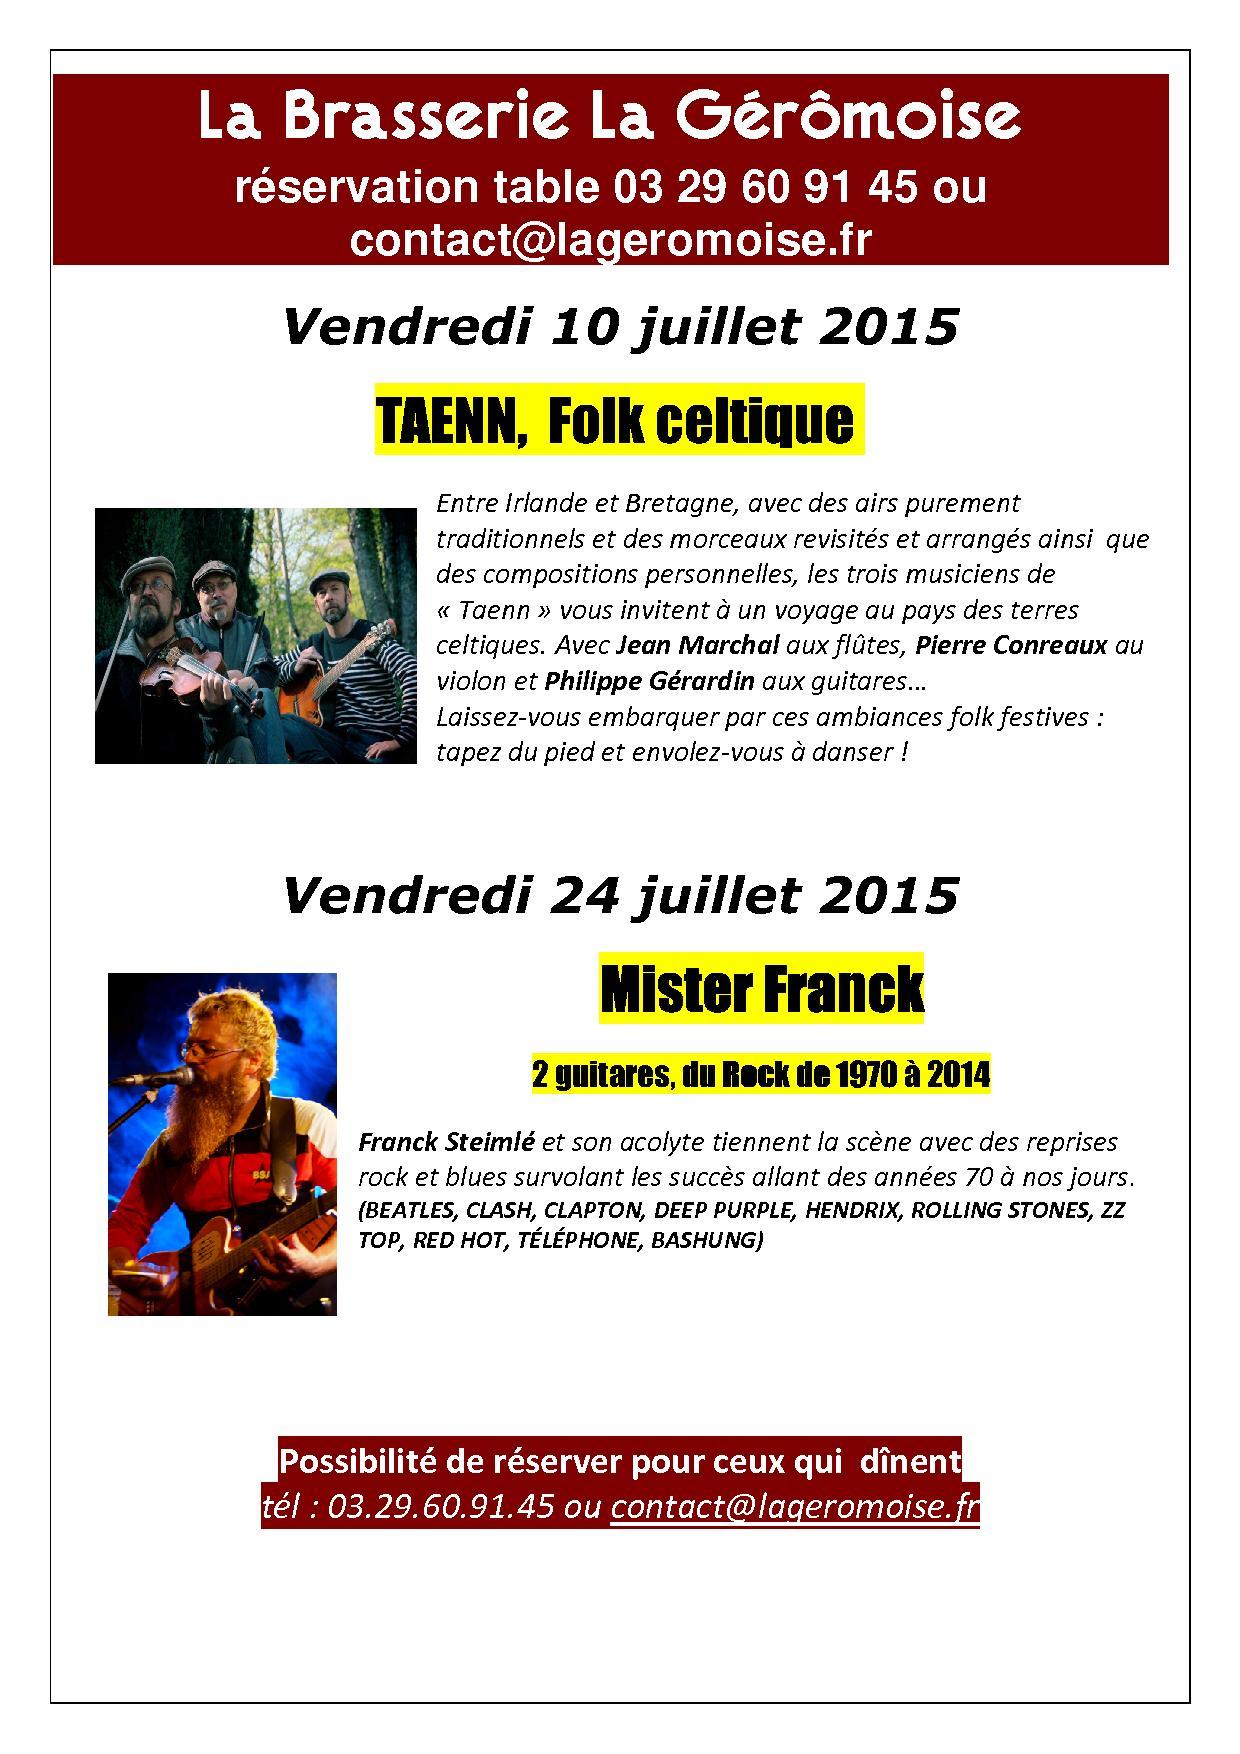 concerts-vacances-ete-juillet-2015.jpg